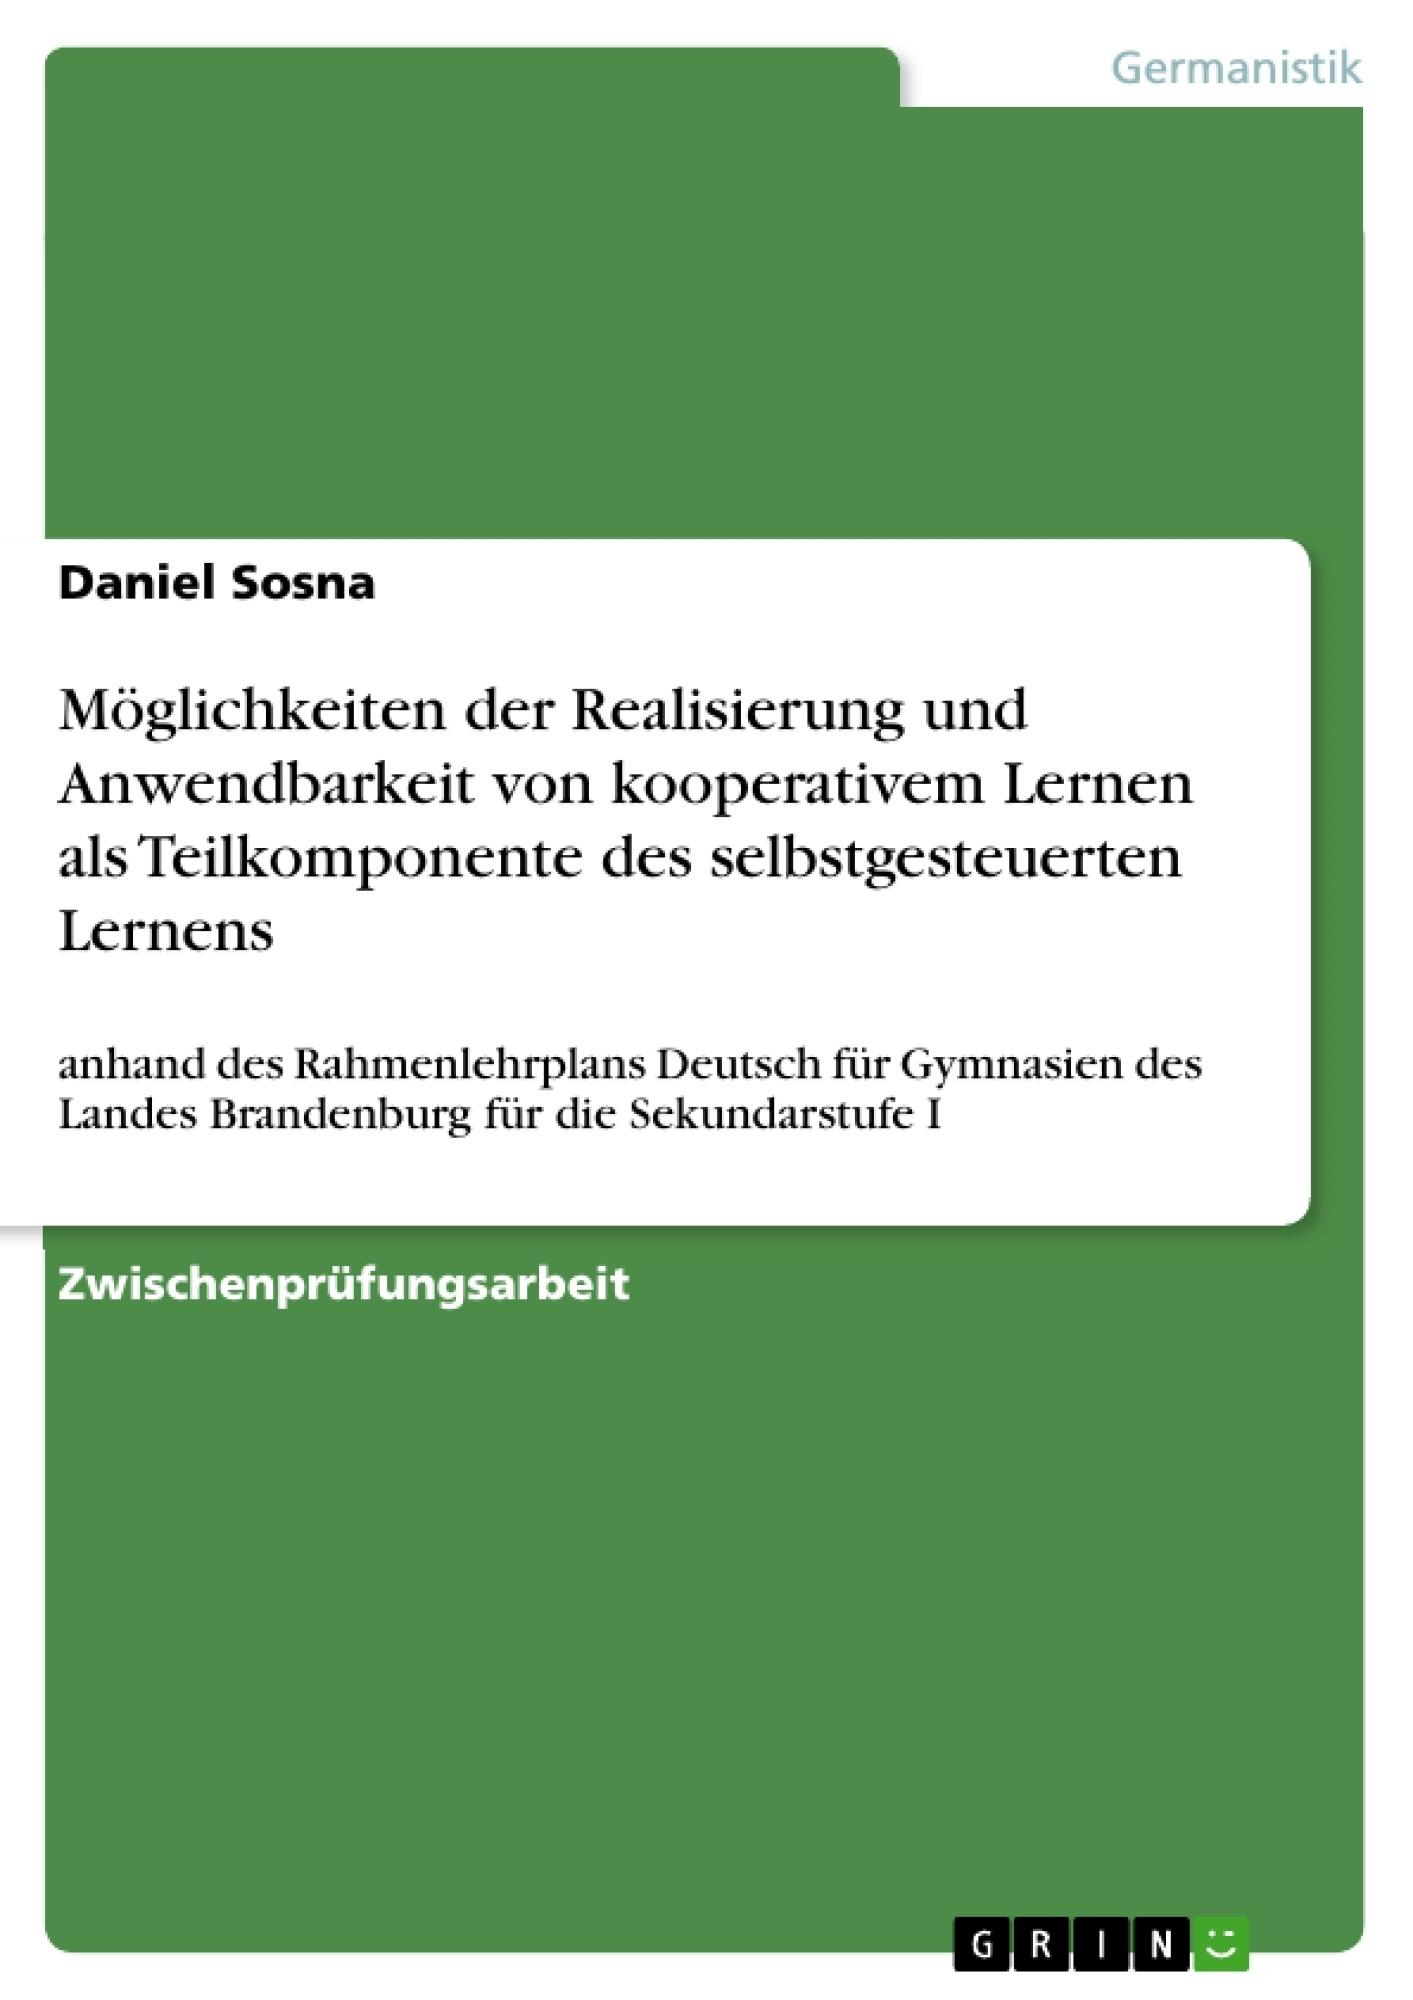 Titel: Möglichkeiten der Realisierung und Anwendbarkeit von kooperativem Lernen als Teilkomponente des selbstgesteuerten Lernens